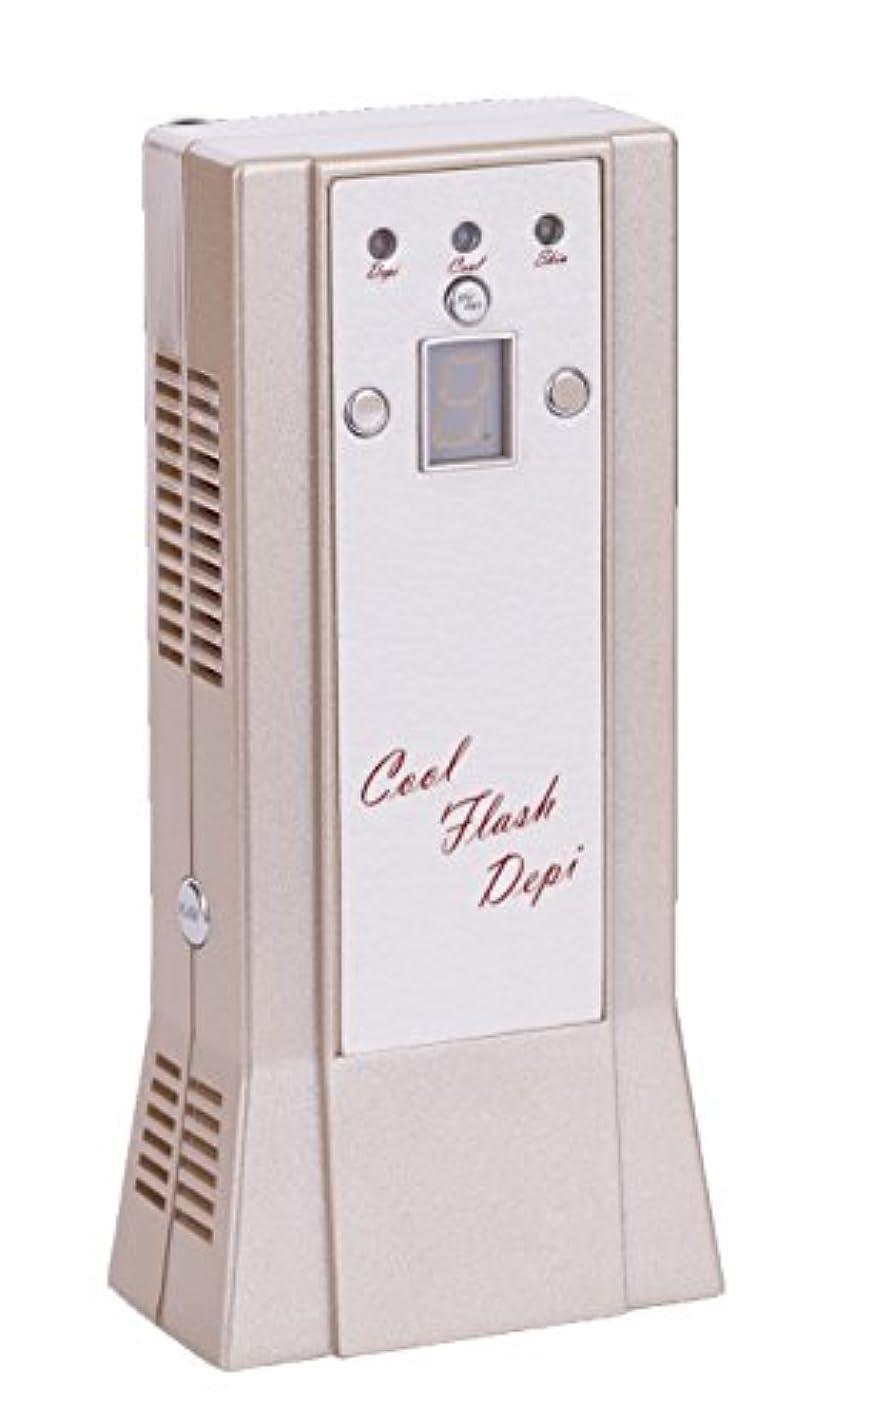 なぜアクセスできないティッシュクールフラッシュデピ シャンパンゴールド YMO-94RD